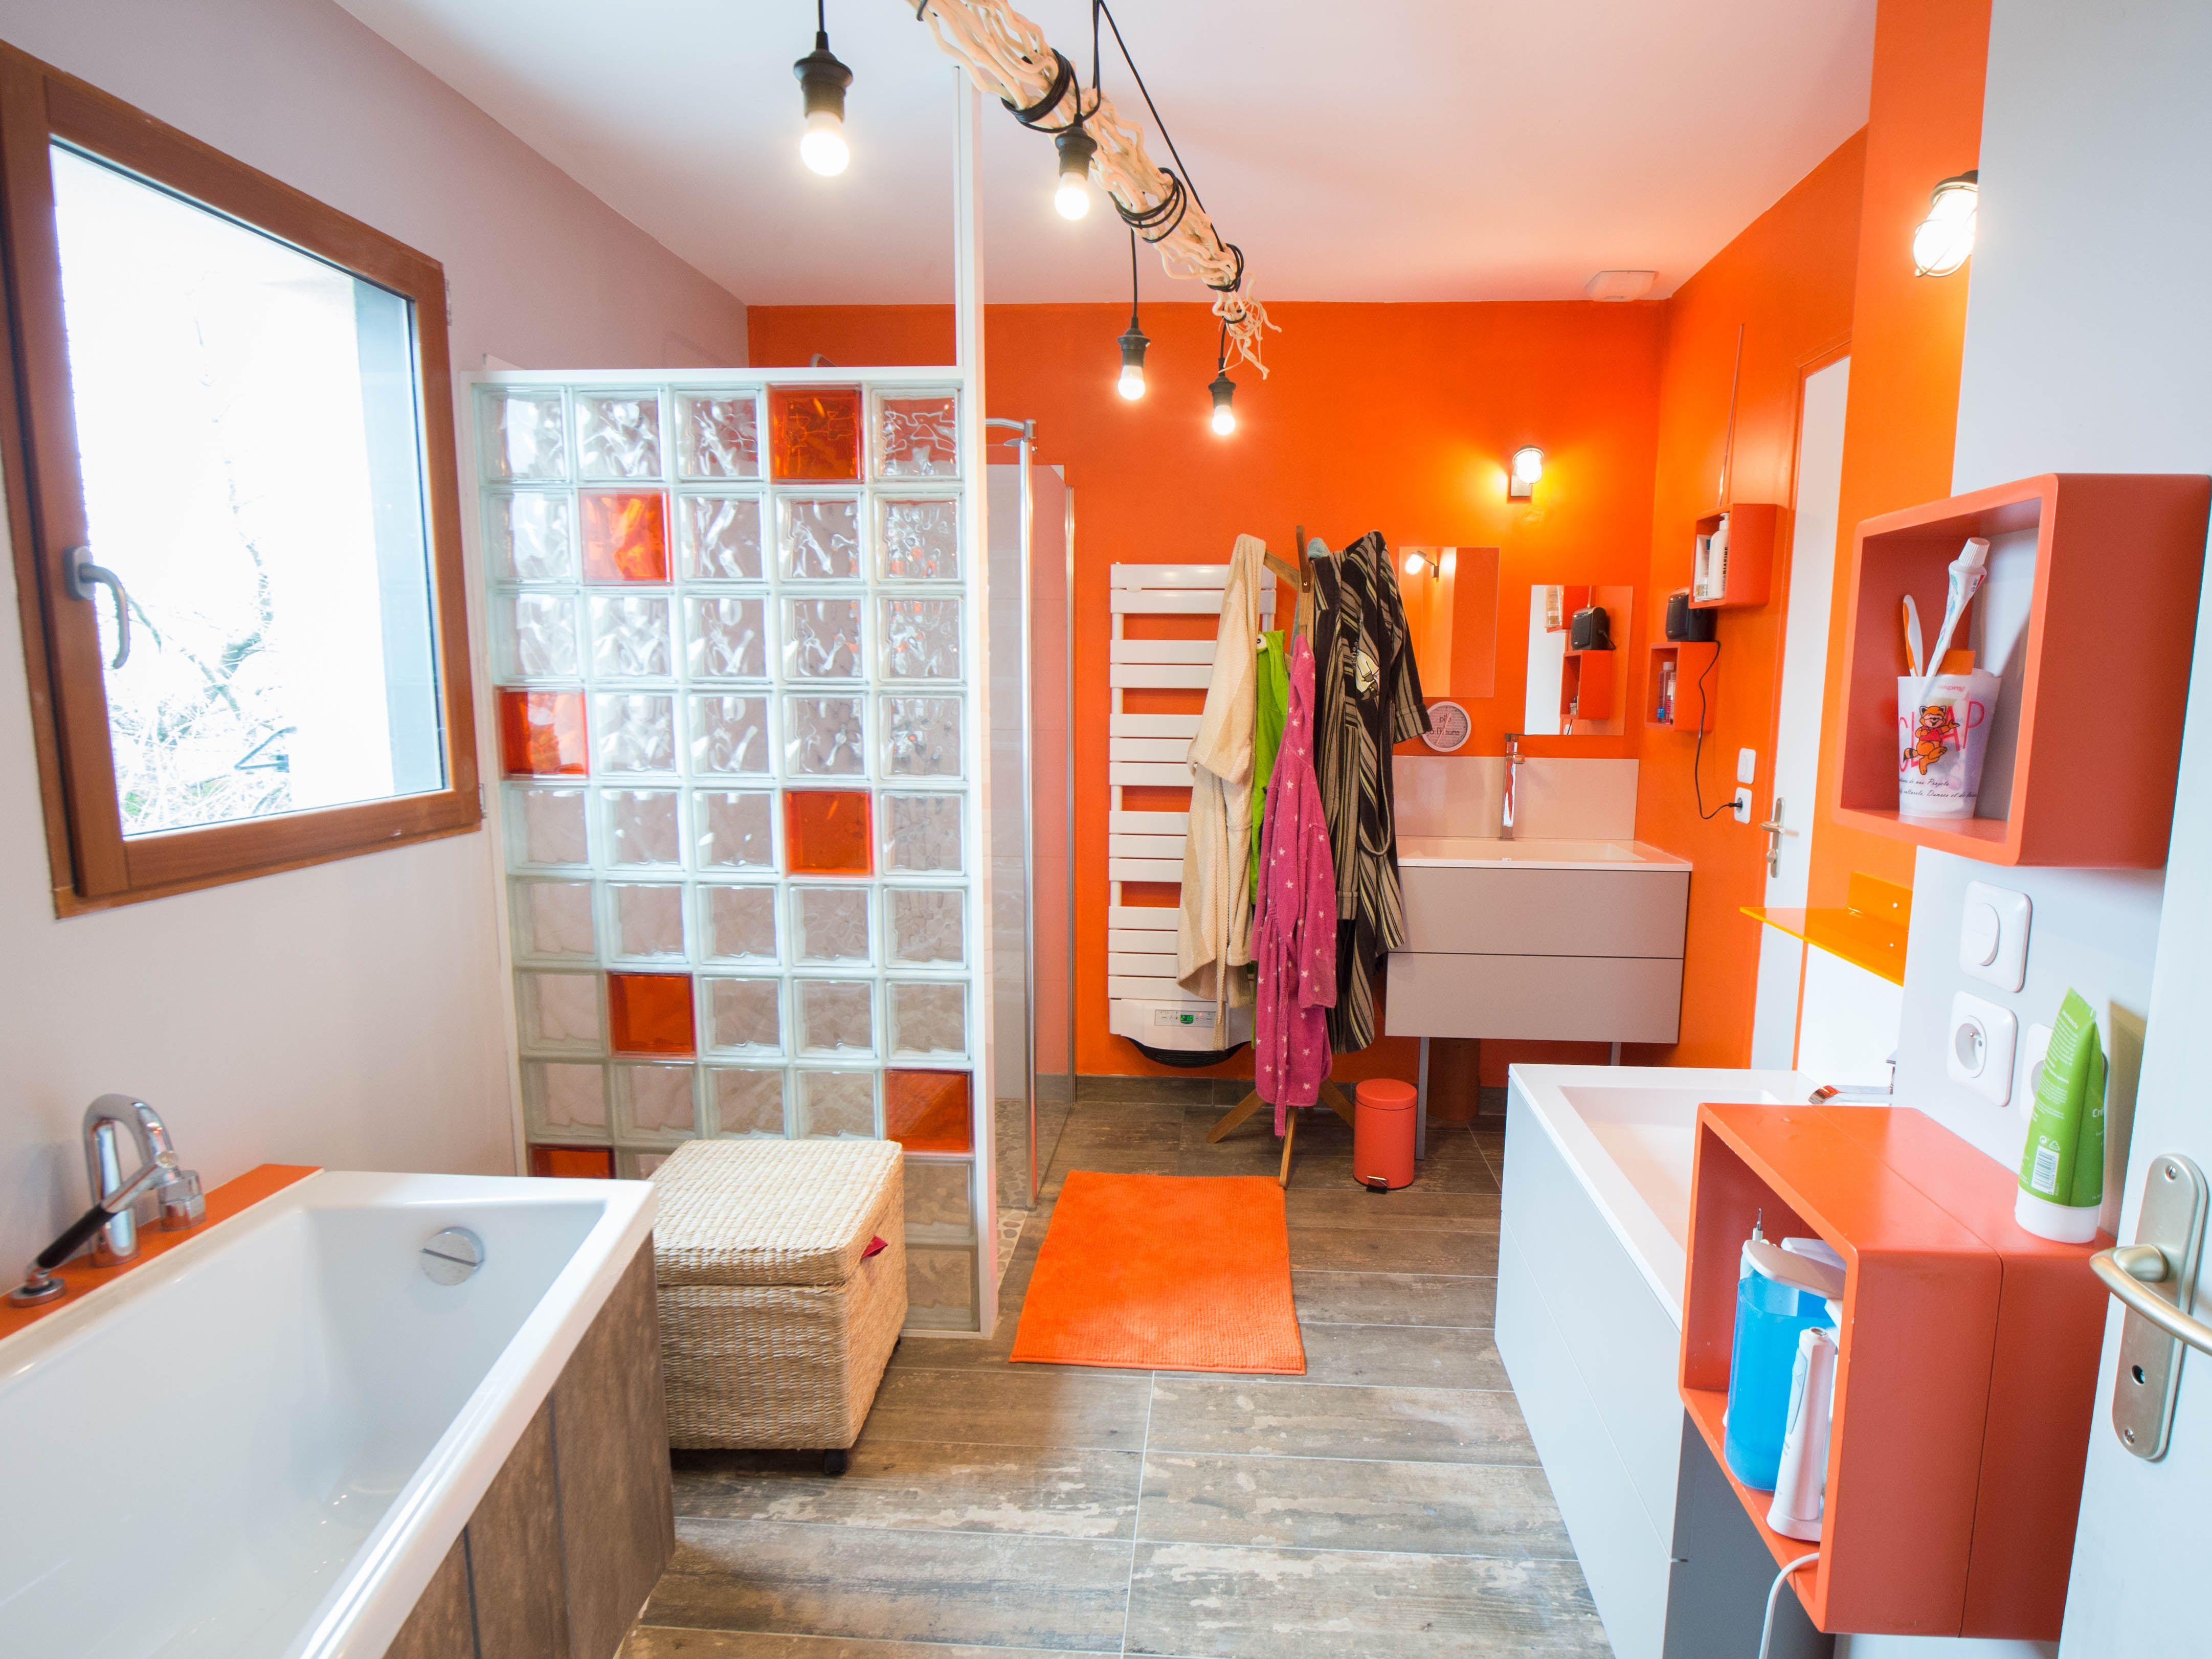 Une salle de bains colorée avec du orange et des briques de ...